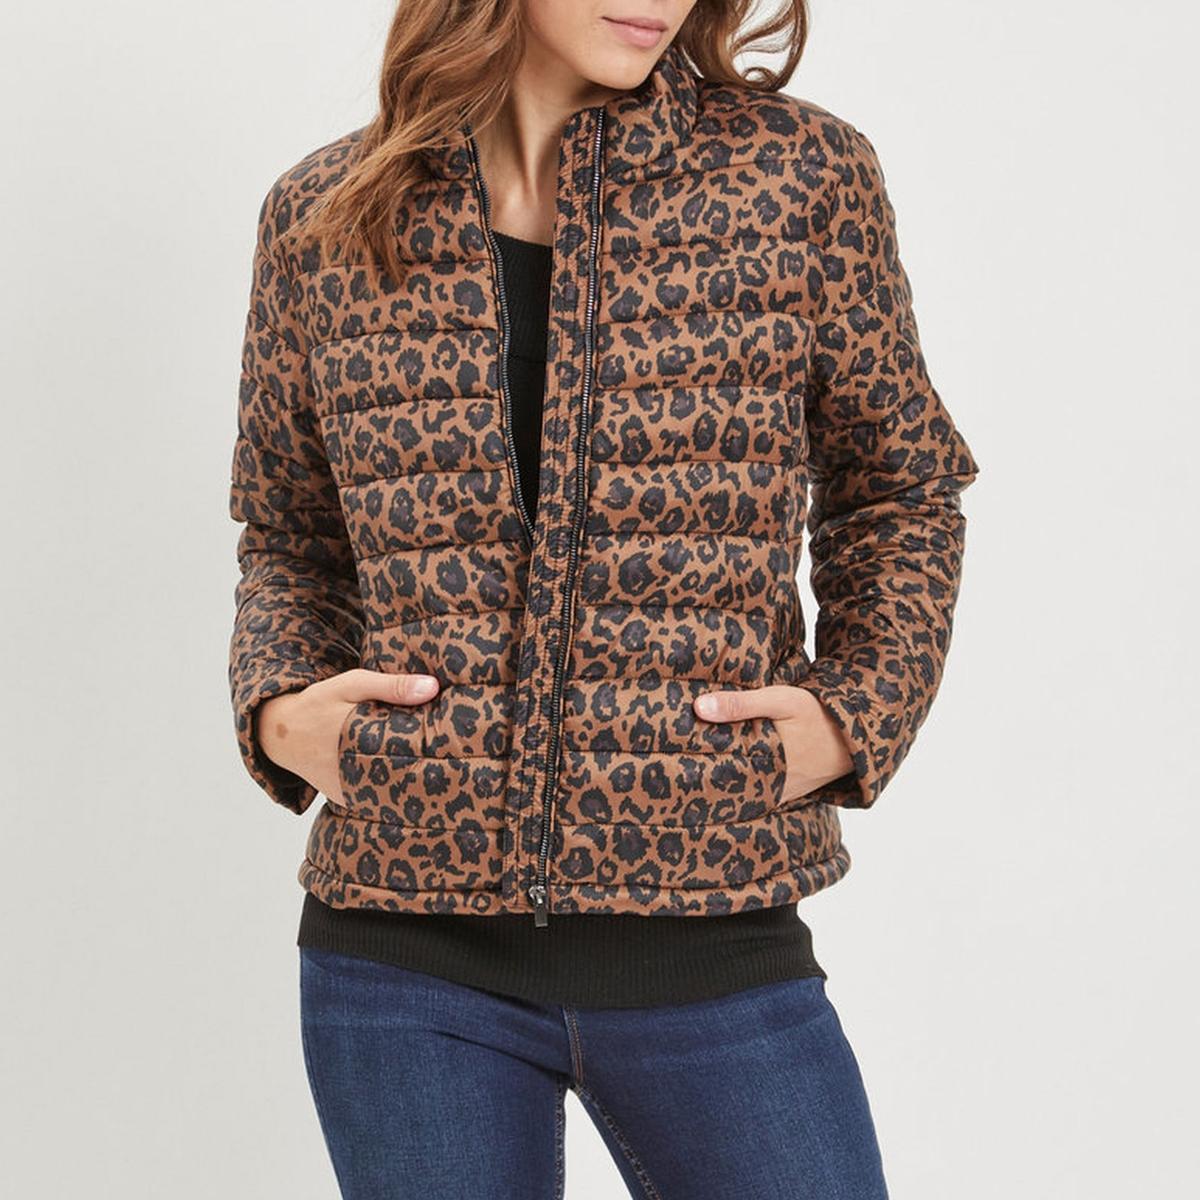 Куртка стеганая короткая с леопардовым принтом куртка стеганая короткая с леопардовым принтом